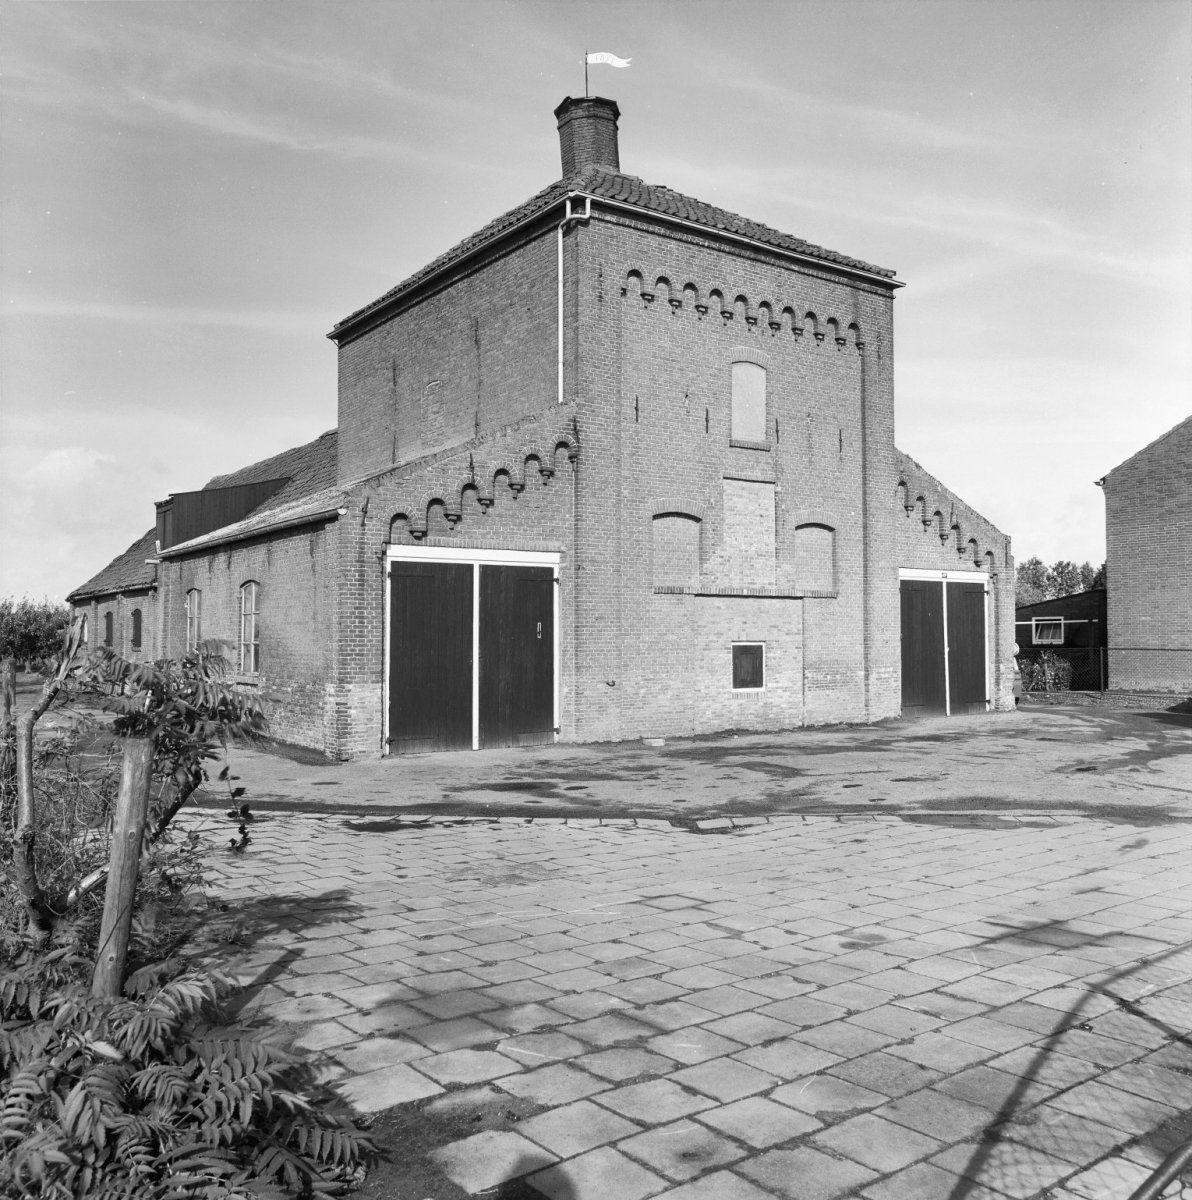 Voorzijde van de oude meestoof met droogtoren. Foto uit 1981. (Beeldbank Rijksdienst voor het Cultureel Erfgoed, foto Gerard Dukker)